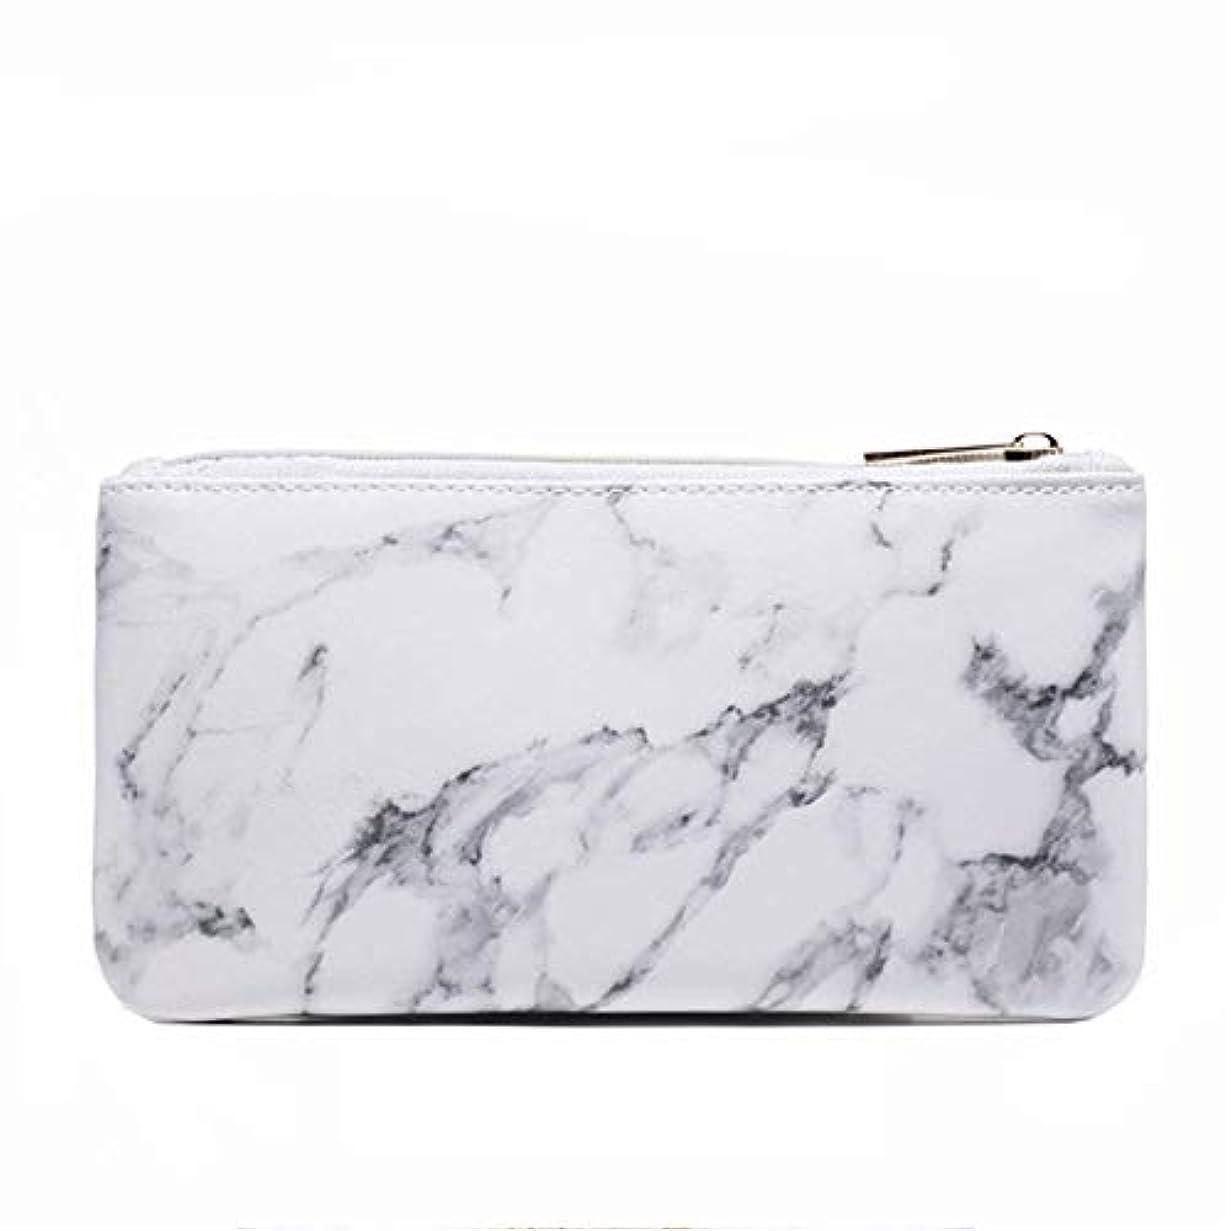 美徳ターゲット保証Orient Direct 化粧品袋化粧品袋大理石の金ジッパー化粧品収納袋化粧品袋女性/女性